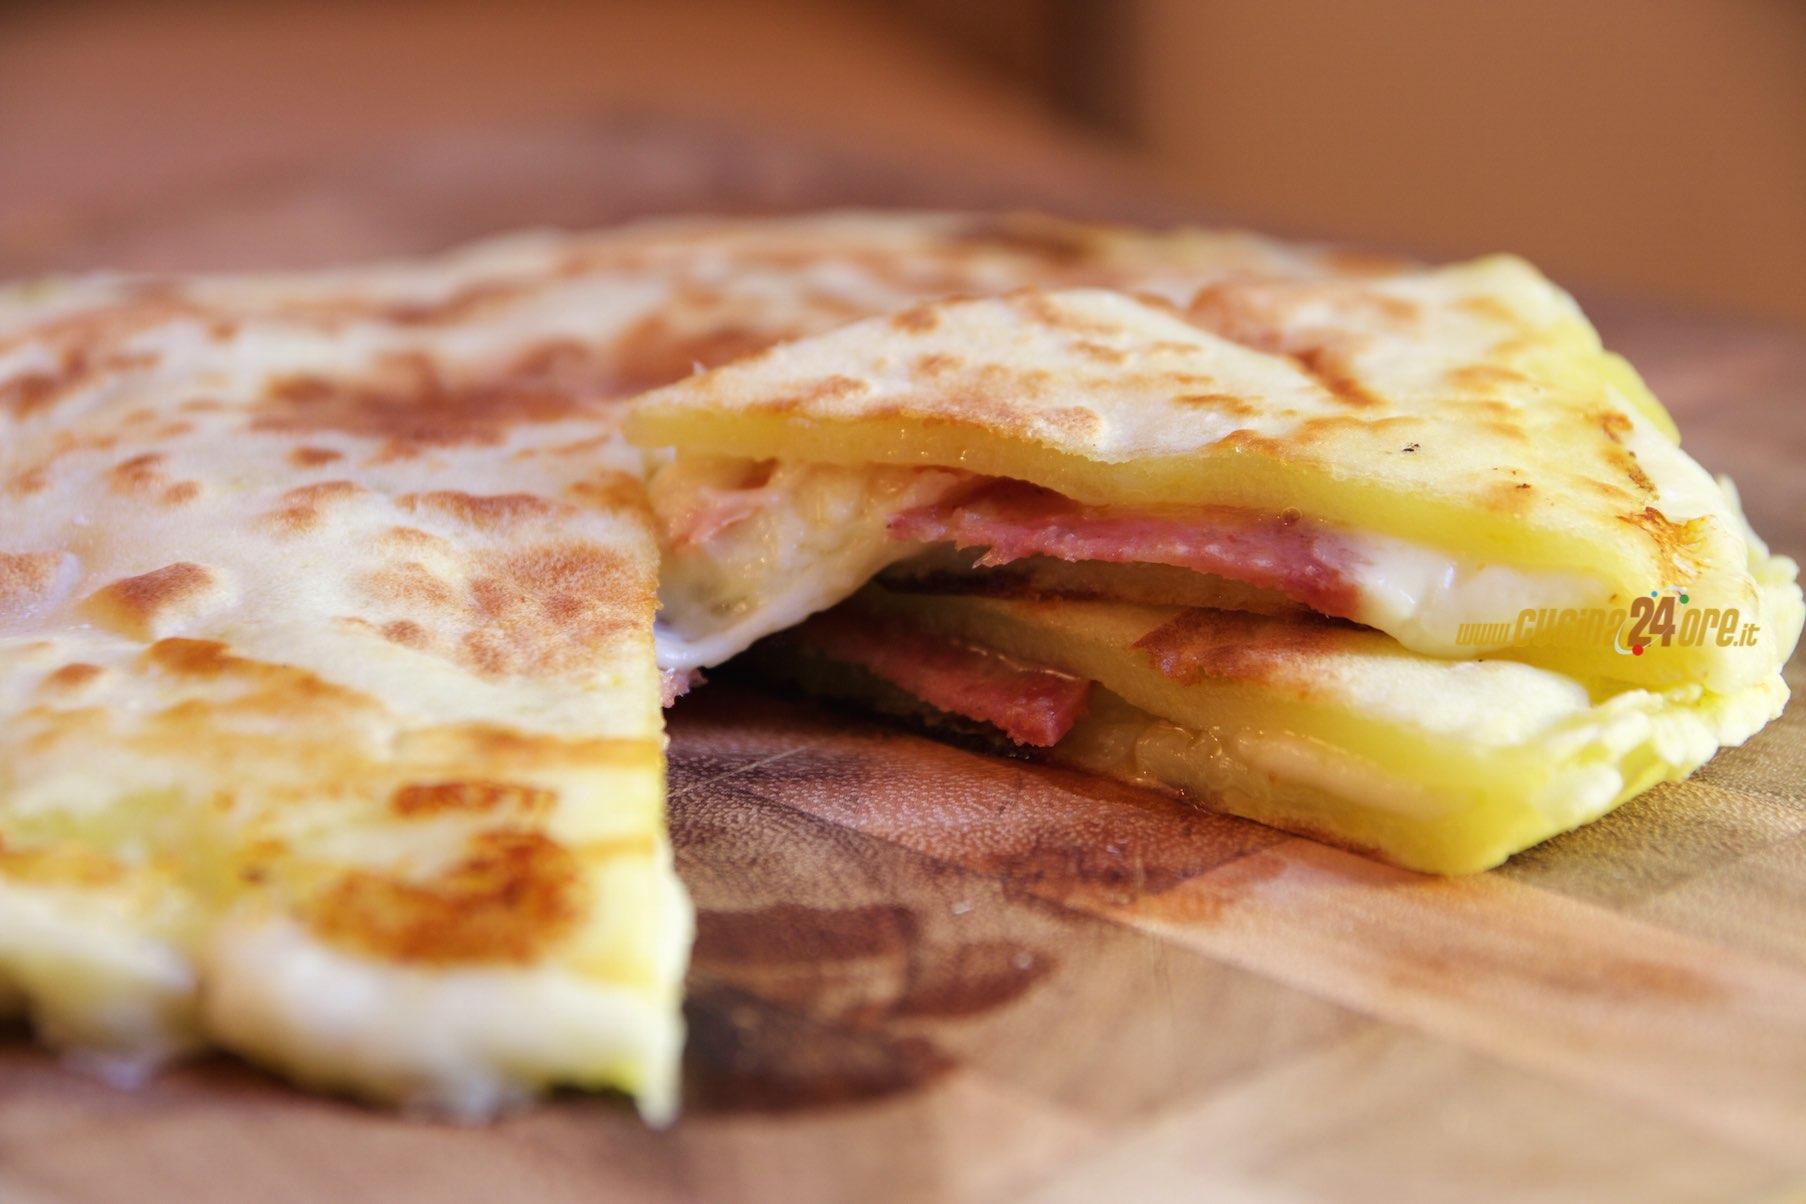 Pizza Di Patate In Padella Con Salame Piccante Senza Glutine E